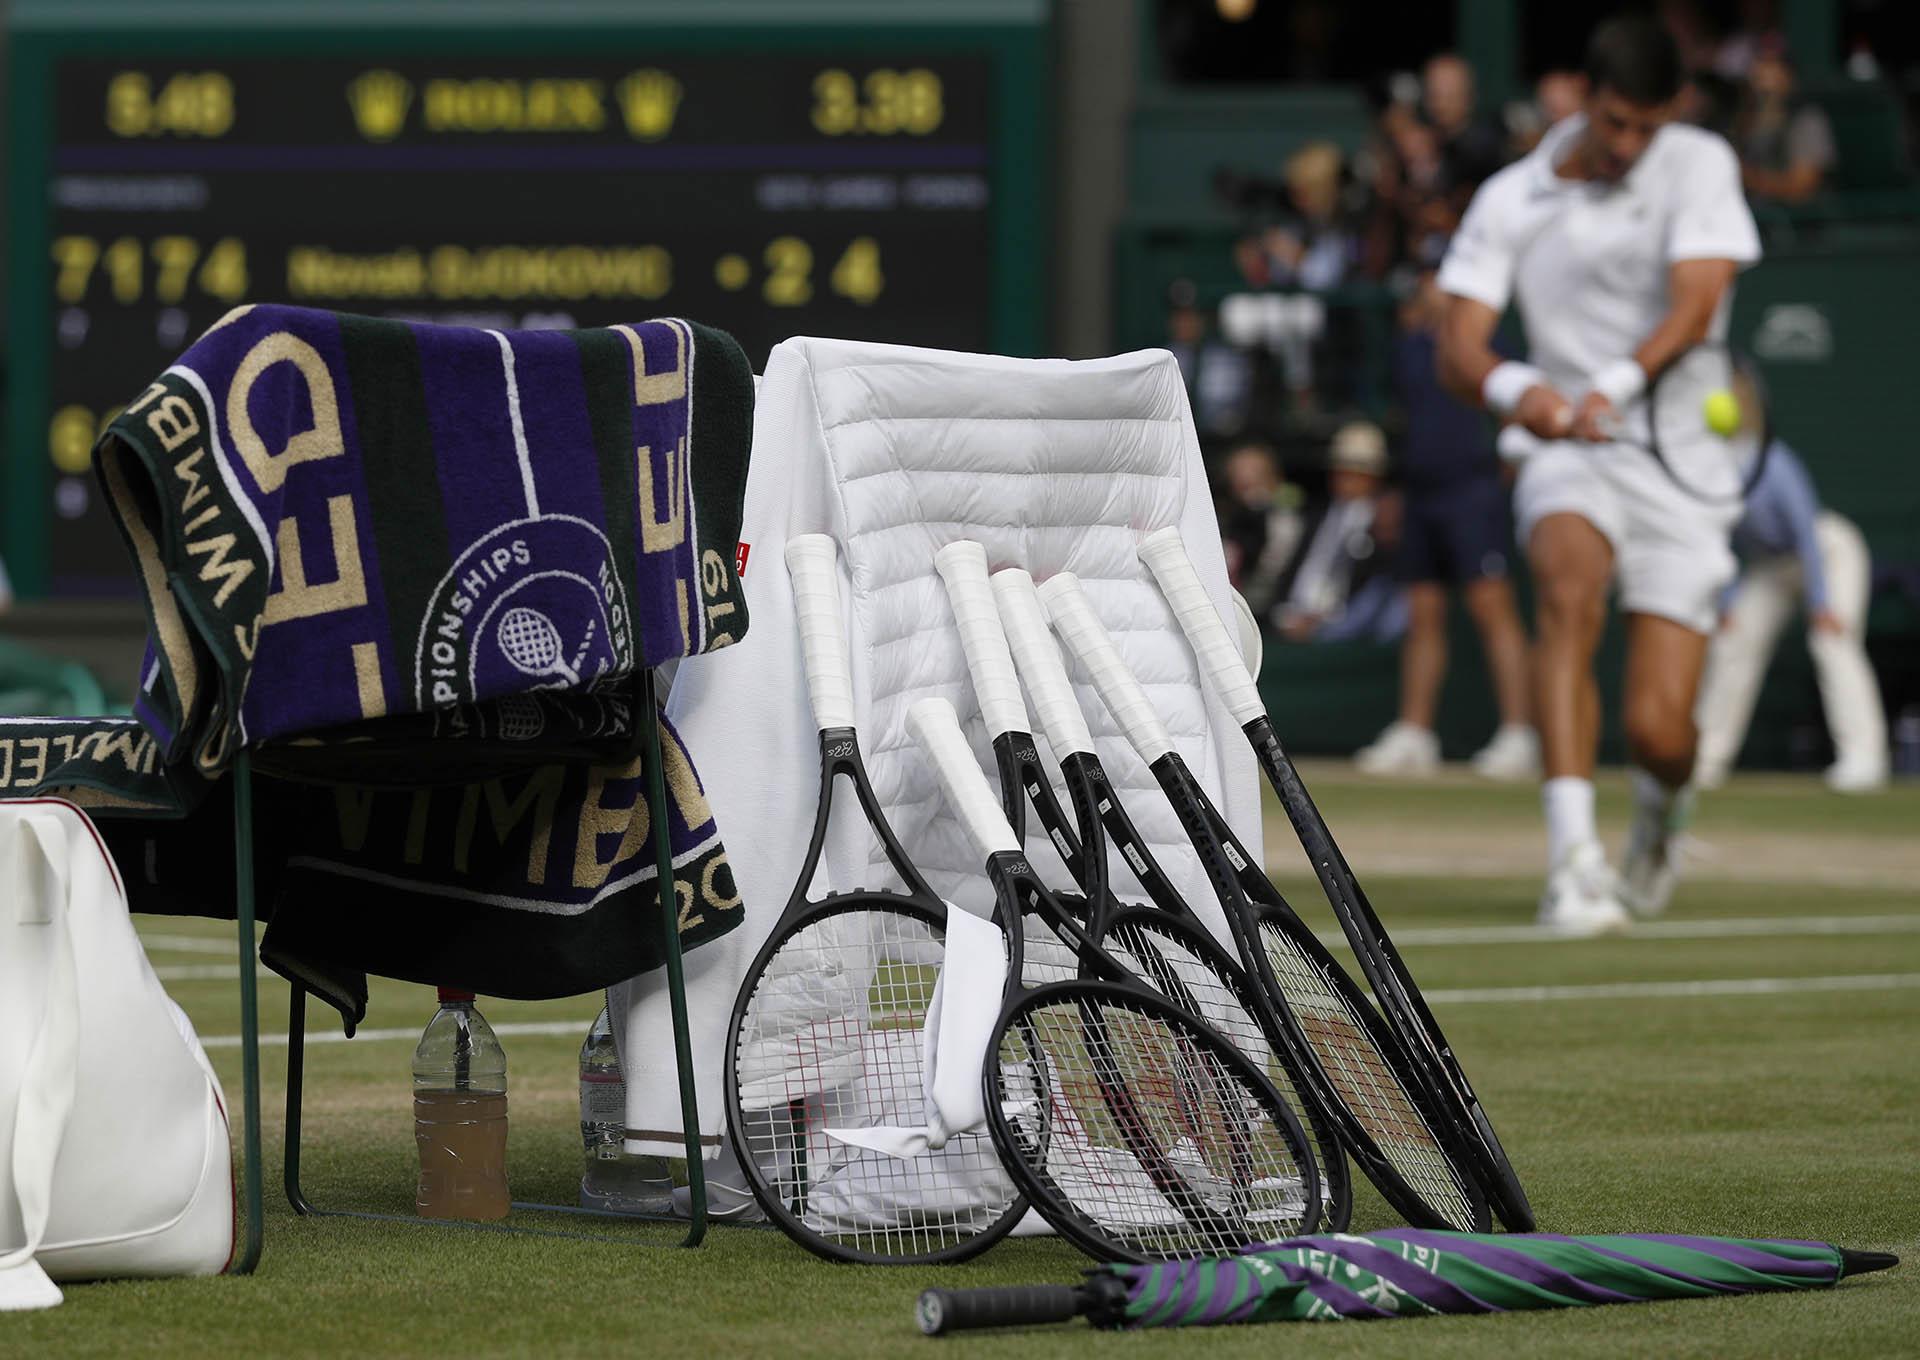 Las raquetas y las toallas de los tenistas (AFP)